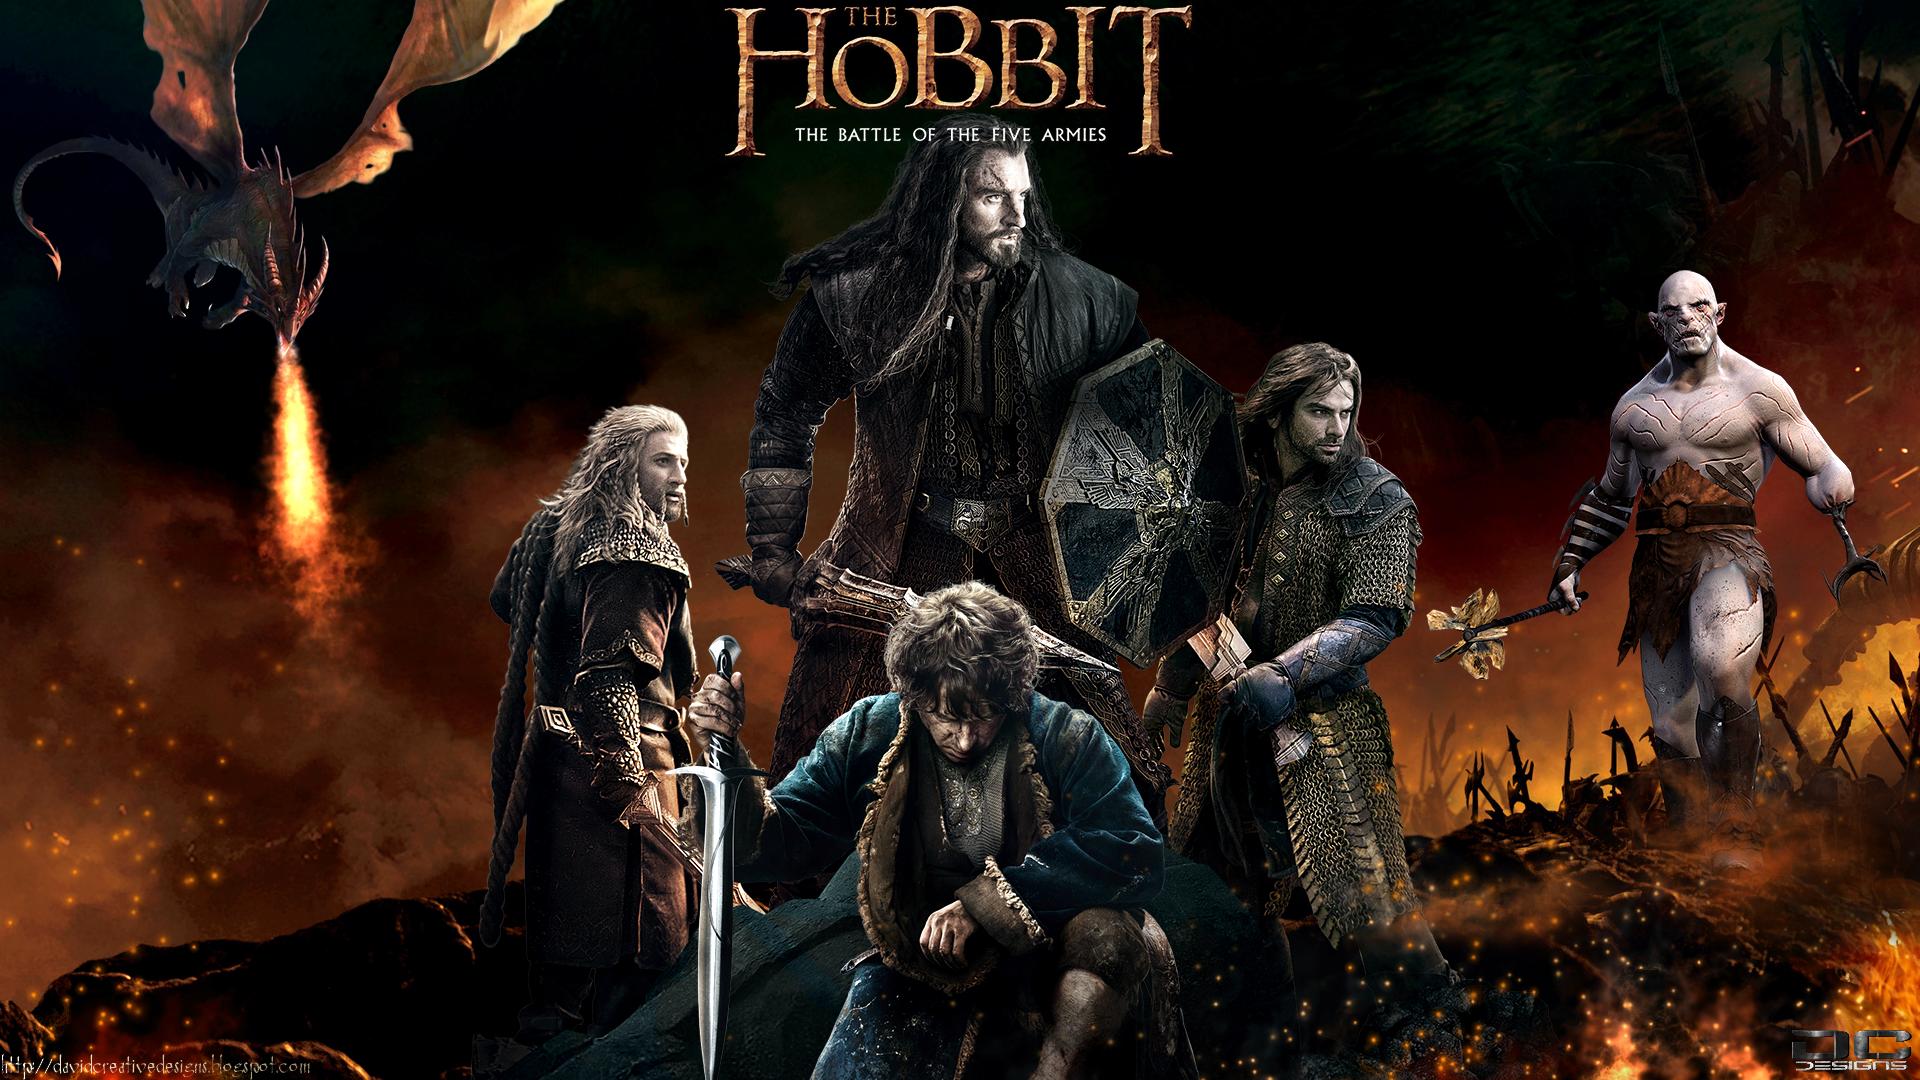 hobbit battle of five armies extended torrent download